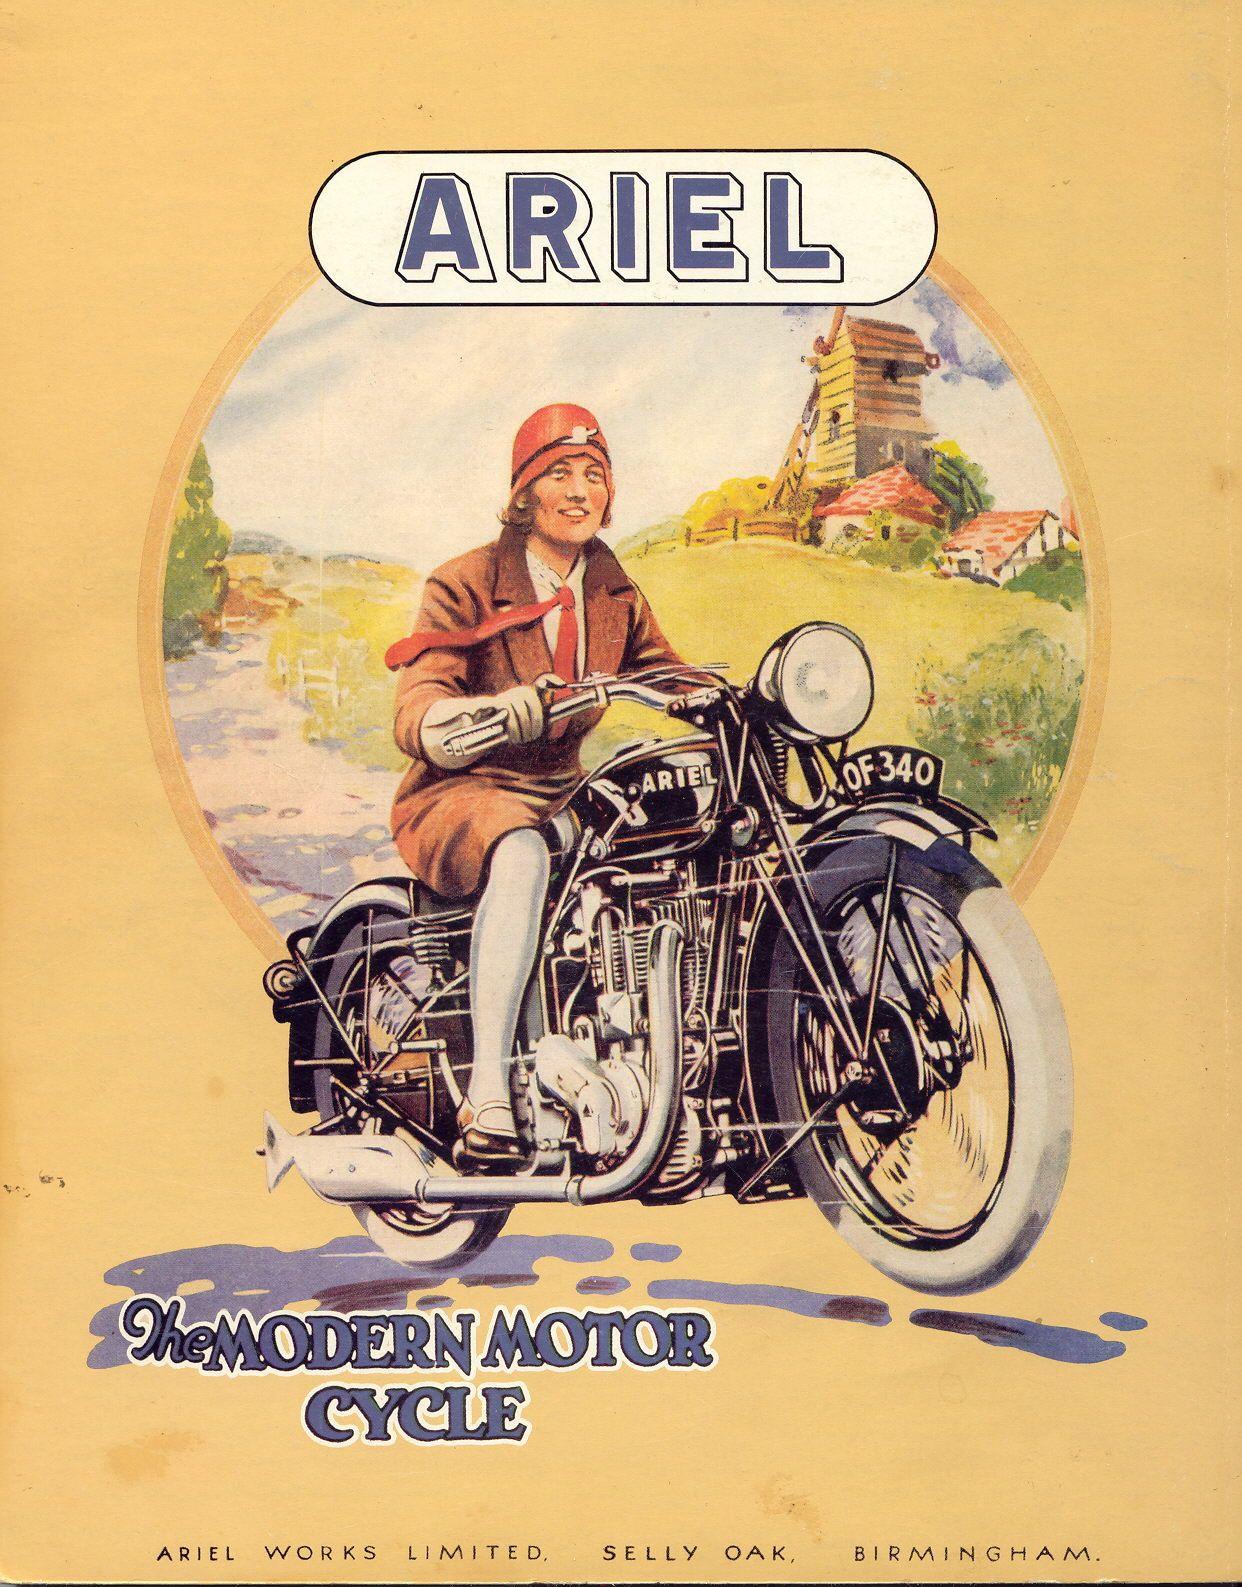 Http 3 Bp Blogspot Com 3hdcfaifzj8 Uhyin Ahzbi Aaaaaaaaeo0 7y5dafadg2k S1600 1930advert Jpg Vintage Motorcycle Posters Bike Poster Motorcycle Posters